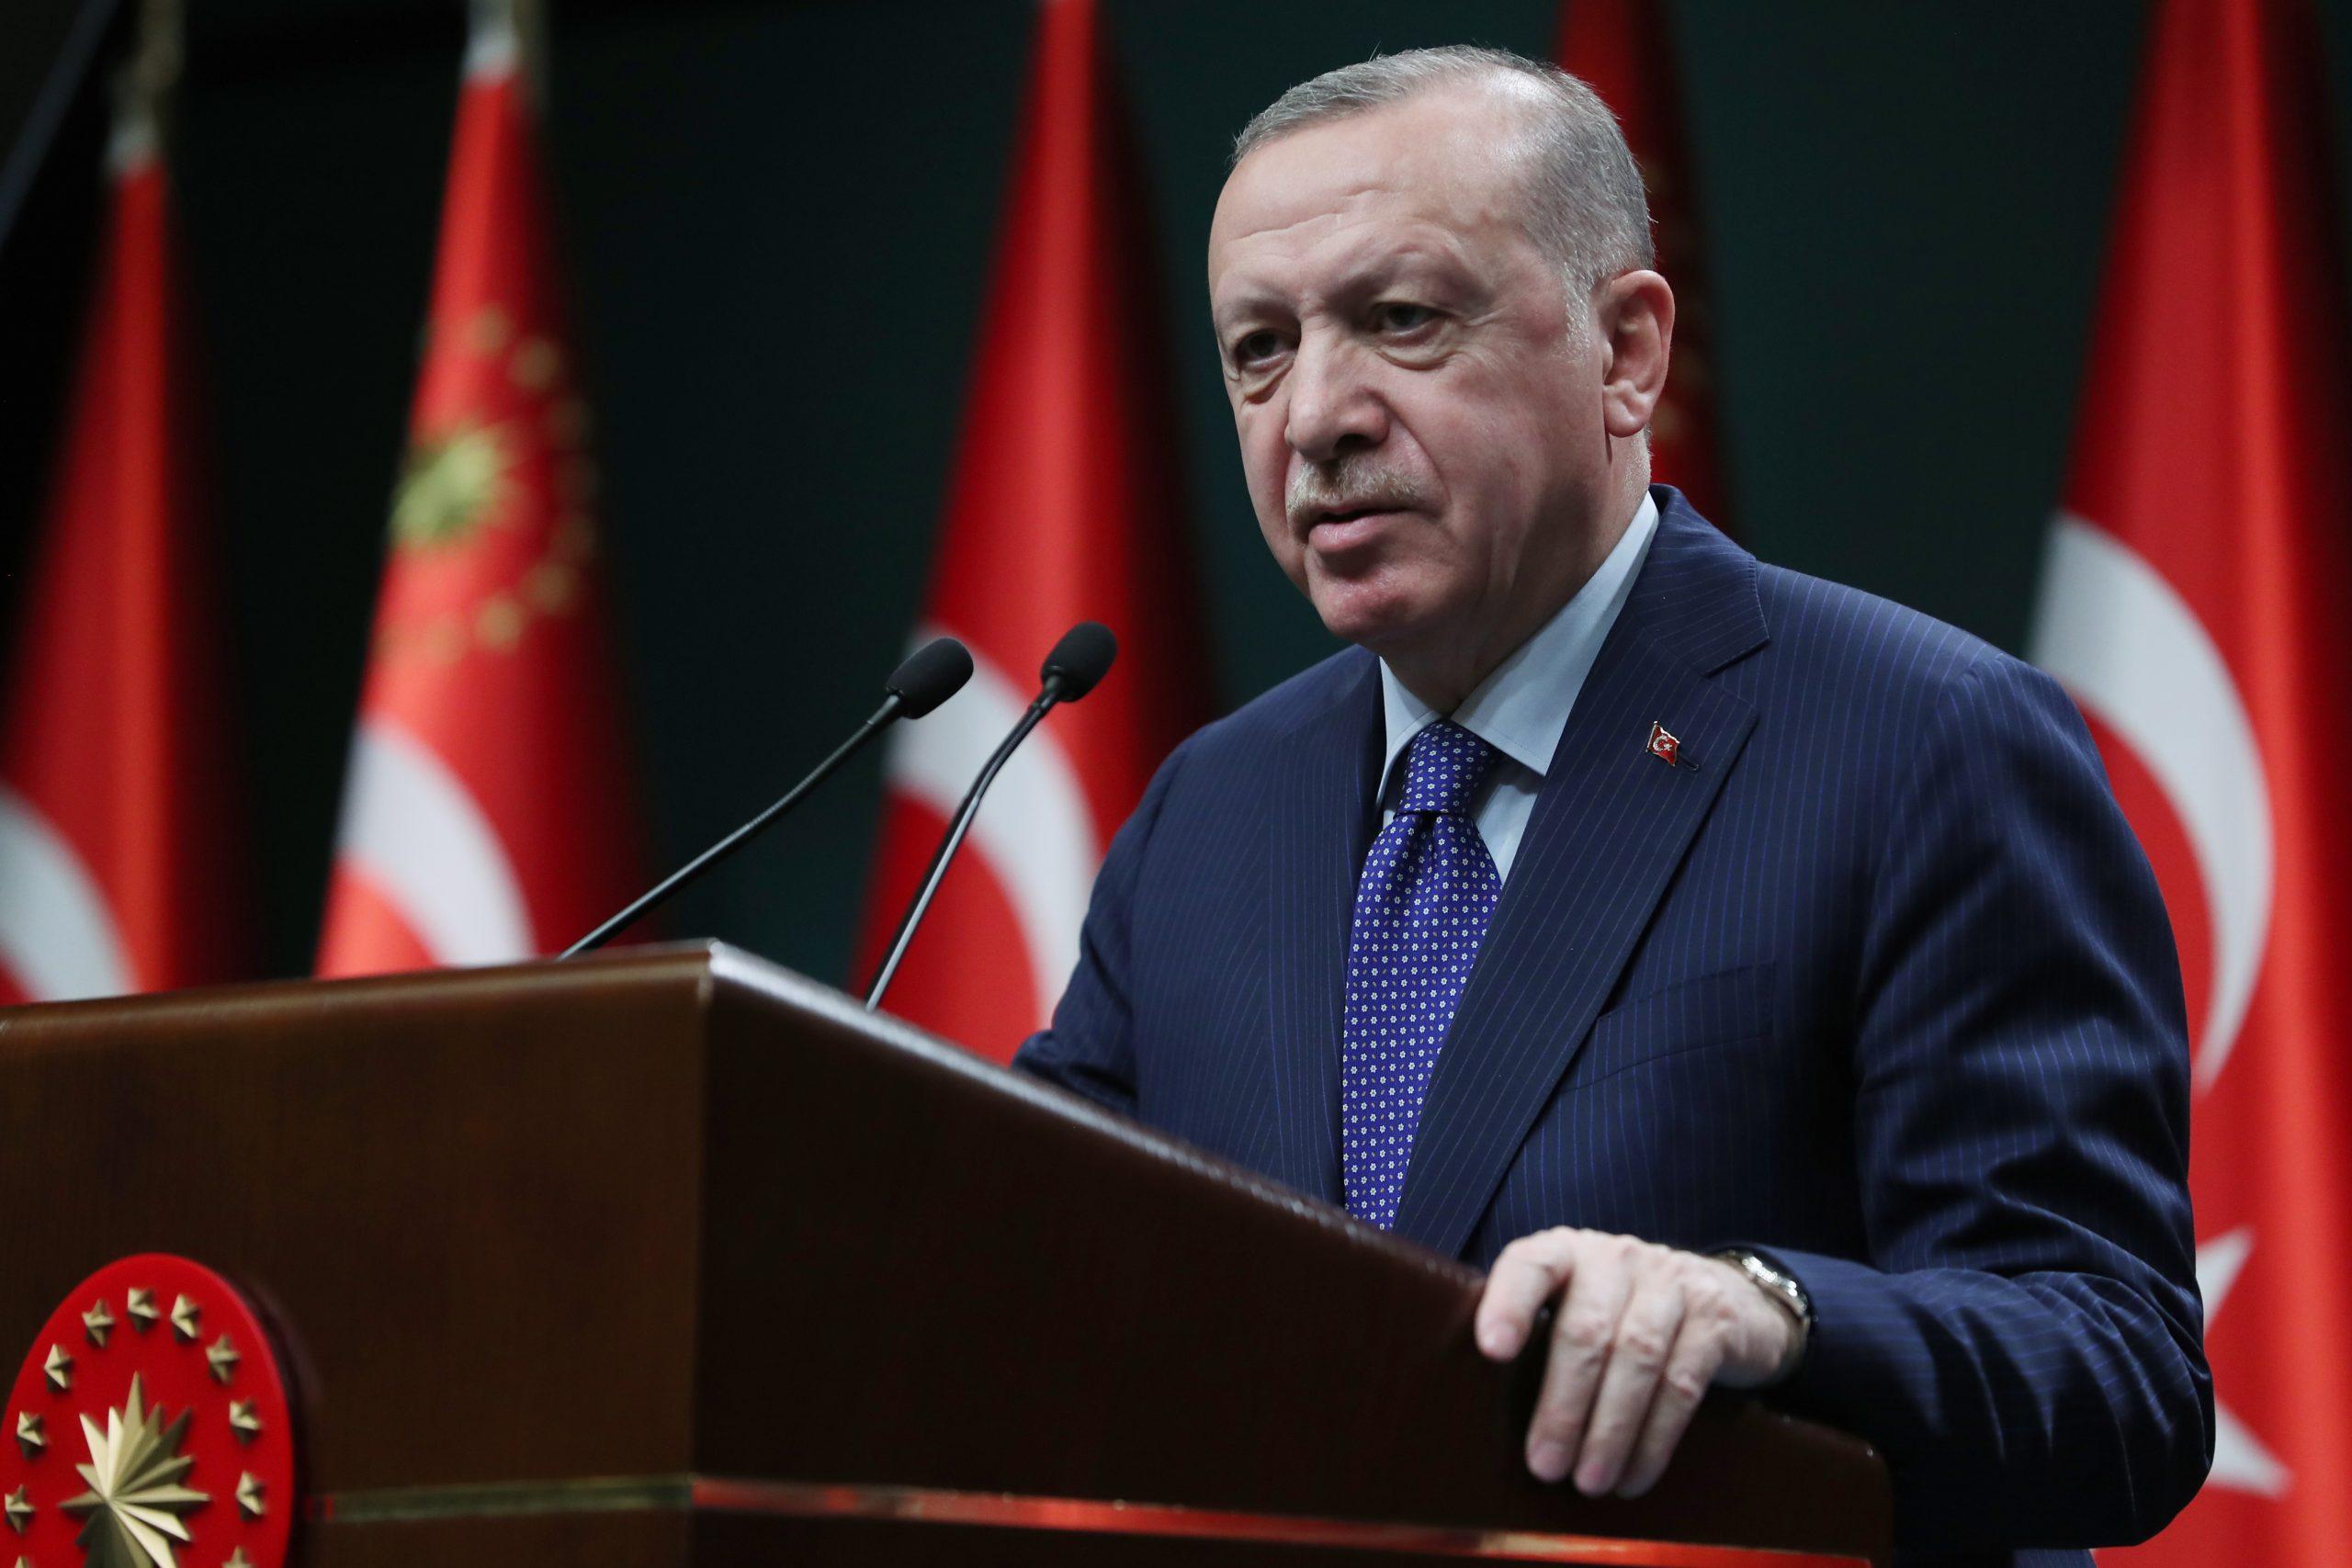 """Επιθετική στάση Ερντογάν απέναντι στις ΗΠΑ: """"Ας μας πουν γιατί πήγαν στο Αφγανιστάν πριν 20 χρόνια"""""""